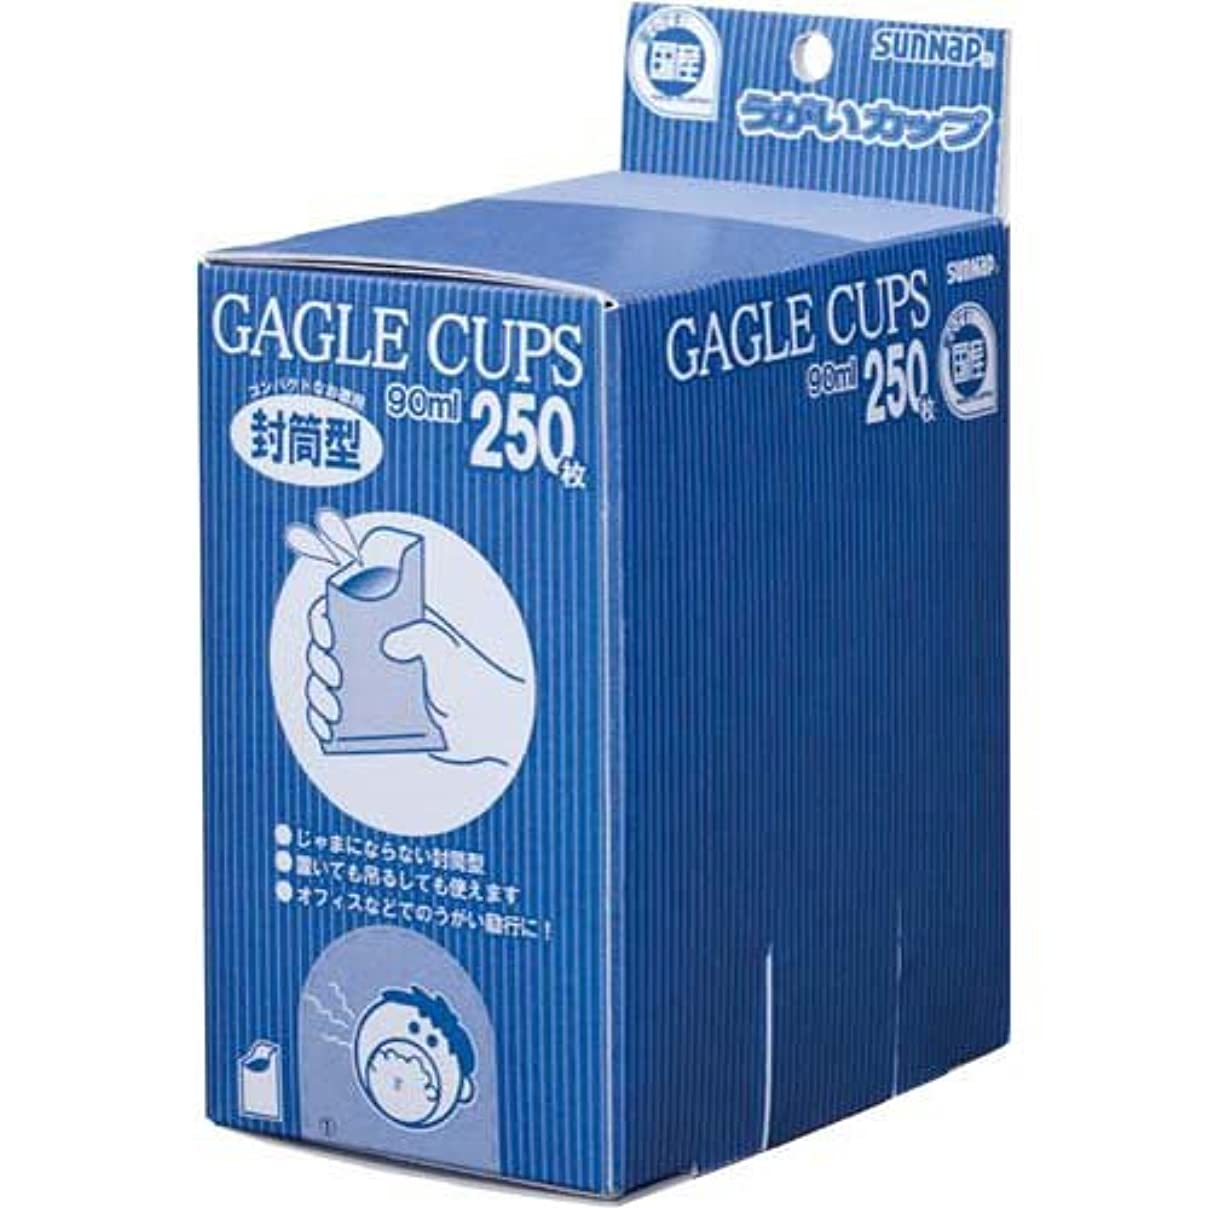 米国代名詞裂け目サンナップ 封筒型うがいカップ250枚×5箱